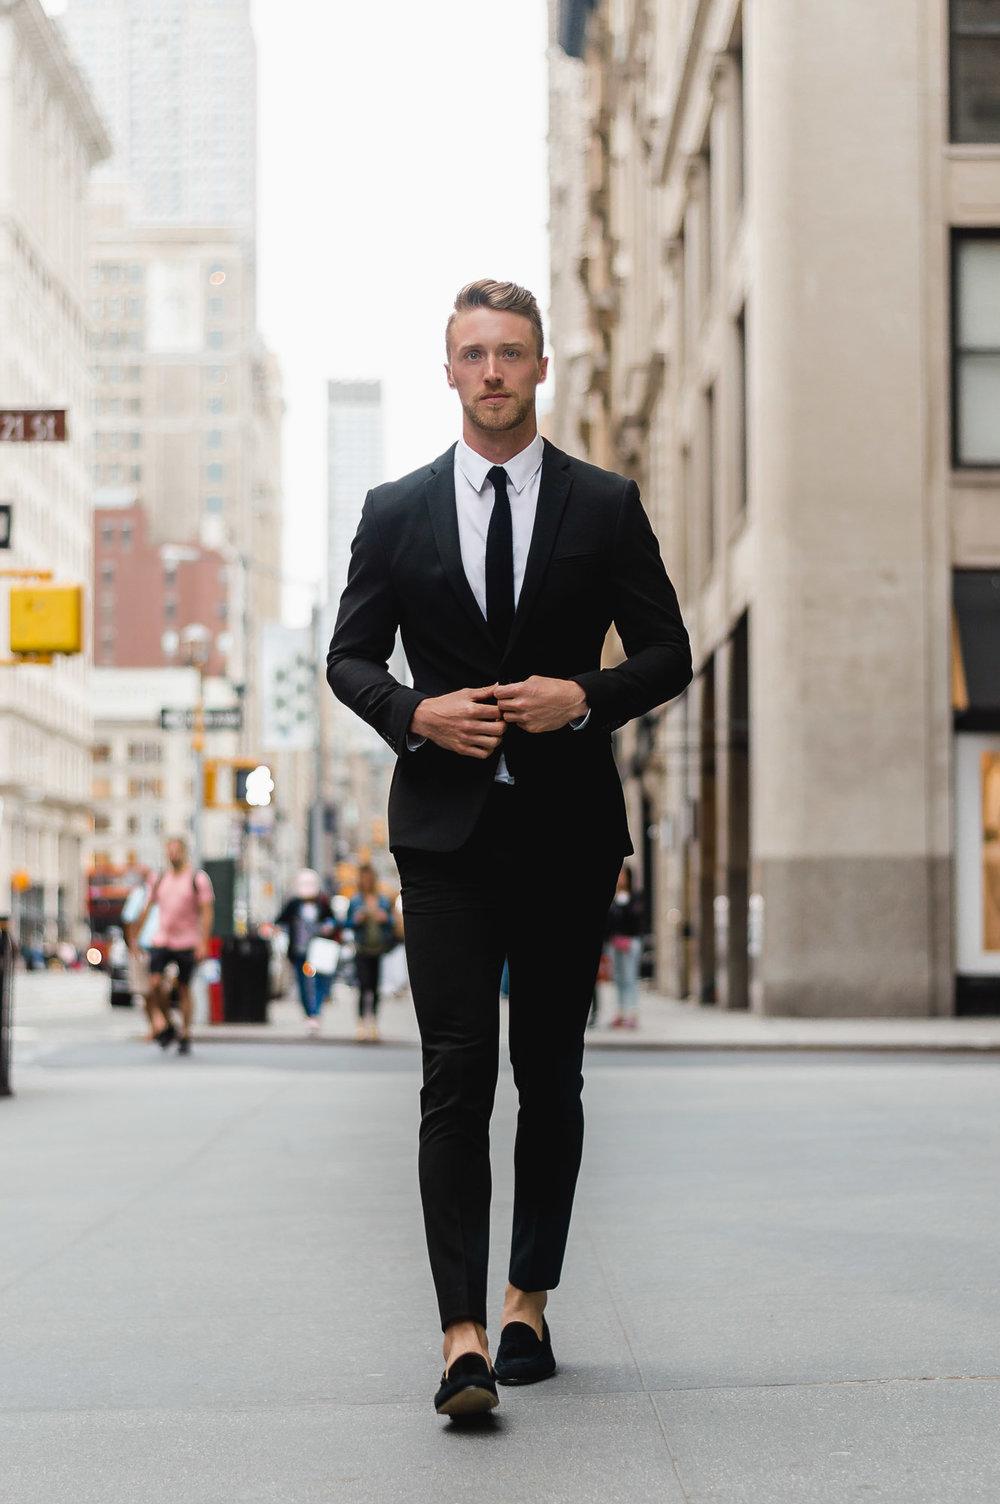 Black Suit, Black Tie | ASOS Man — THE CUFF